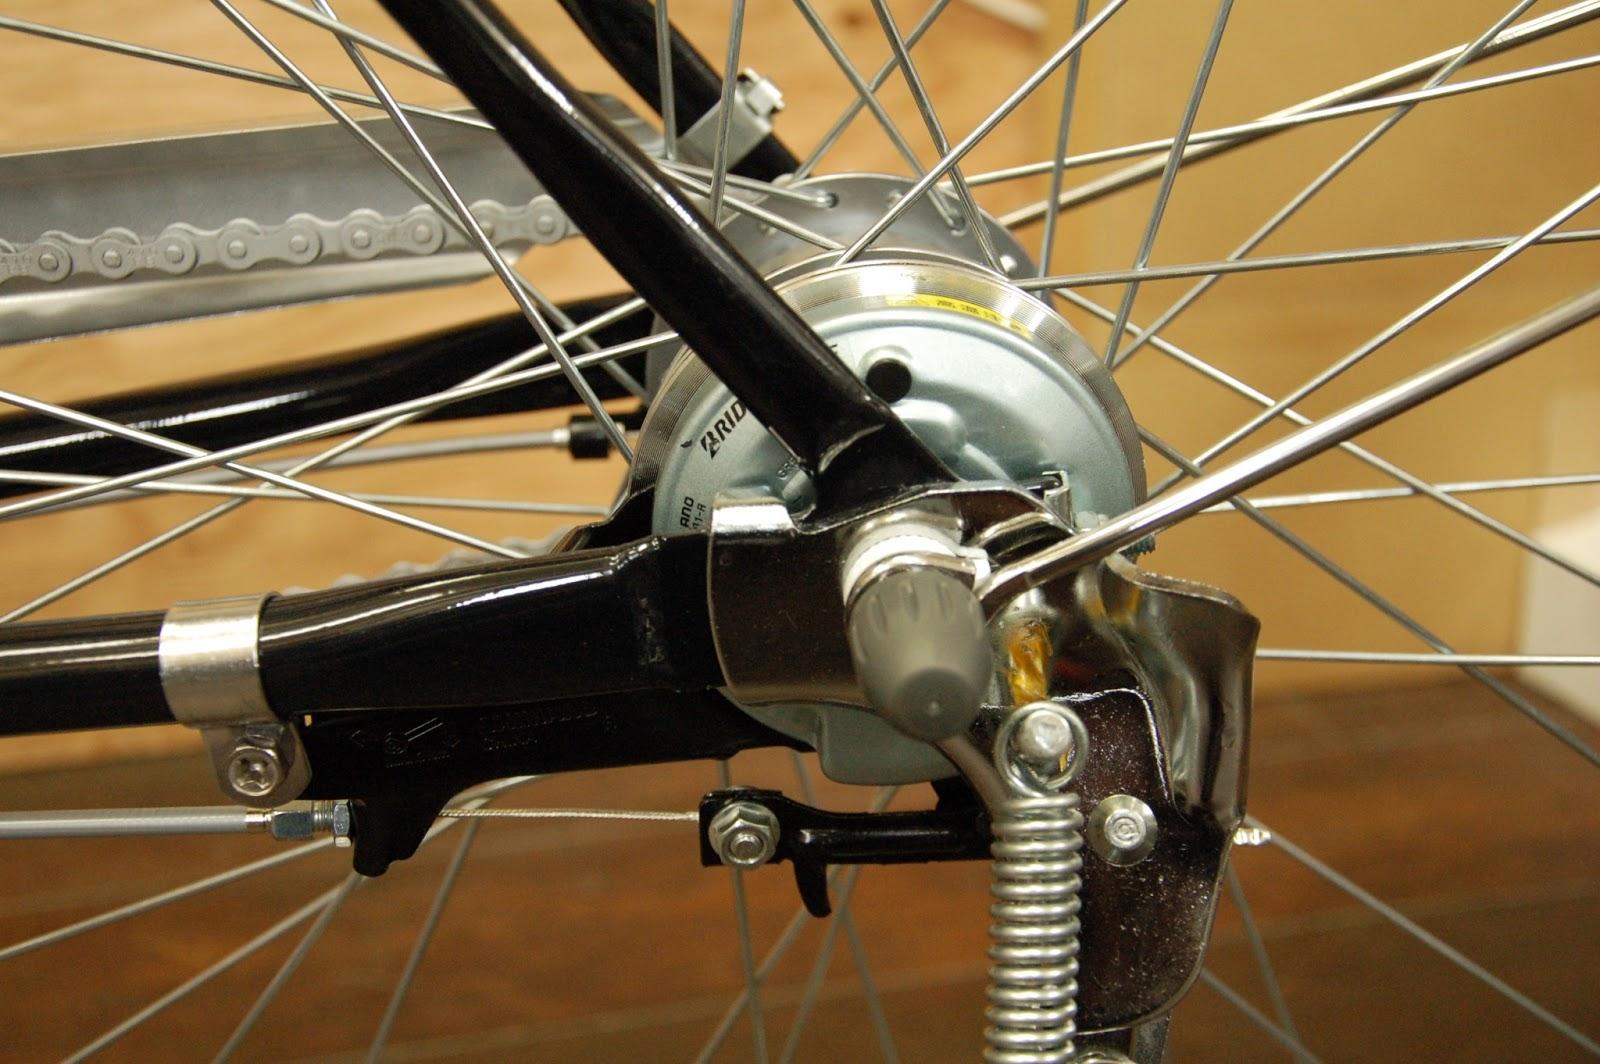 自転車の 自転車 変速機 内装 外装 違い : そしてこの製品の目玉が、この ...